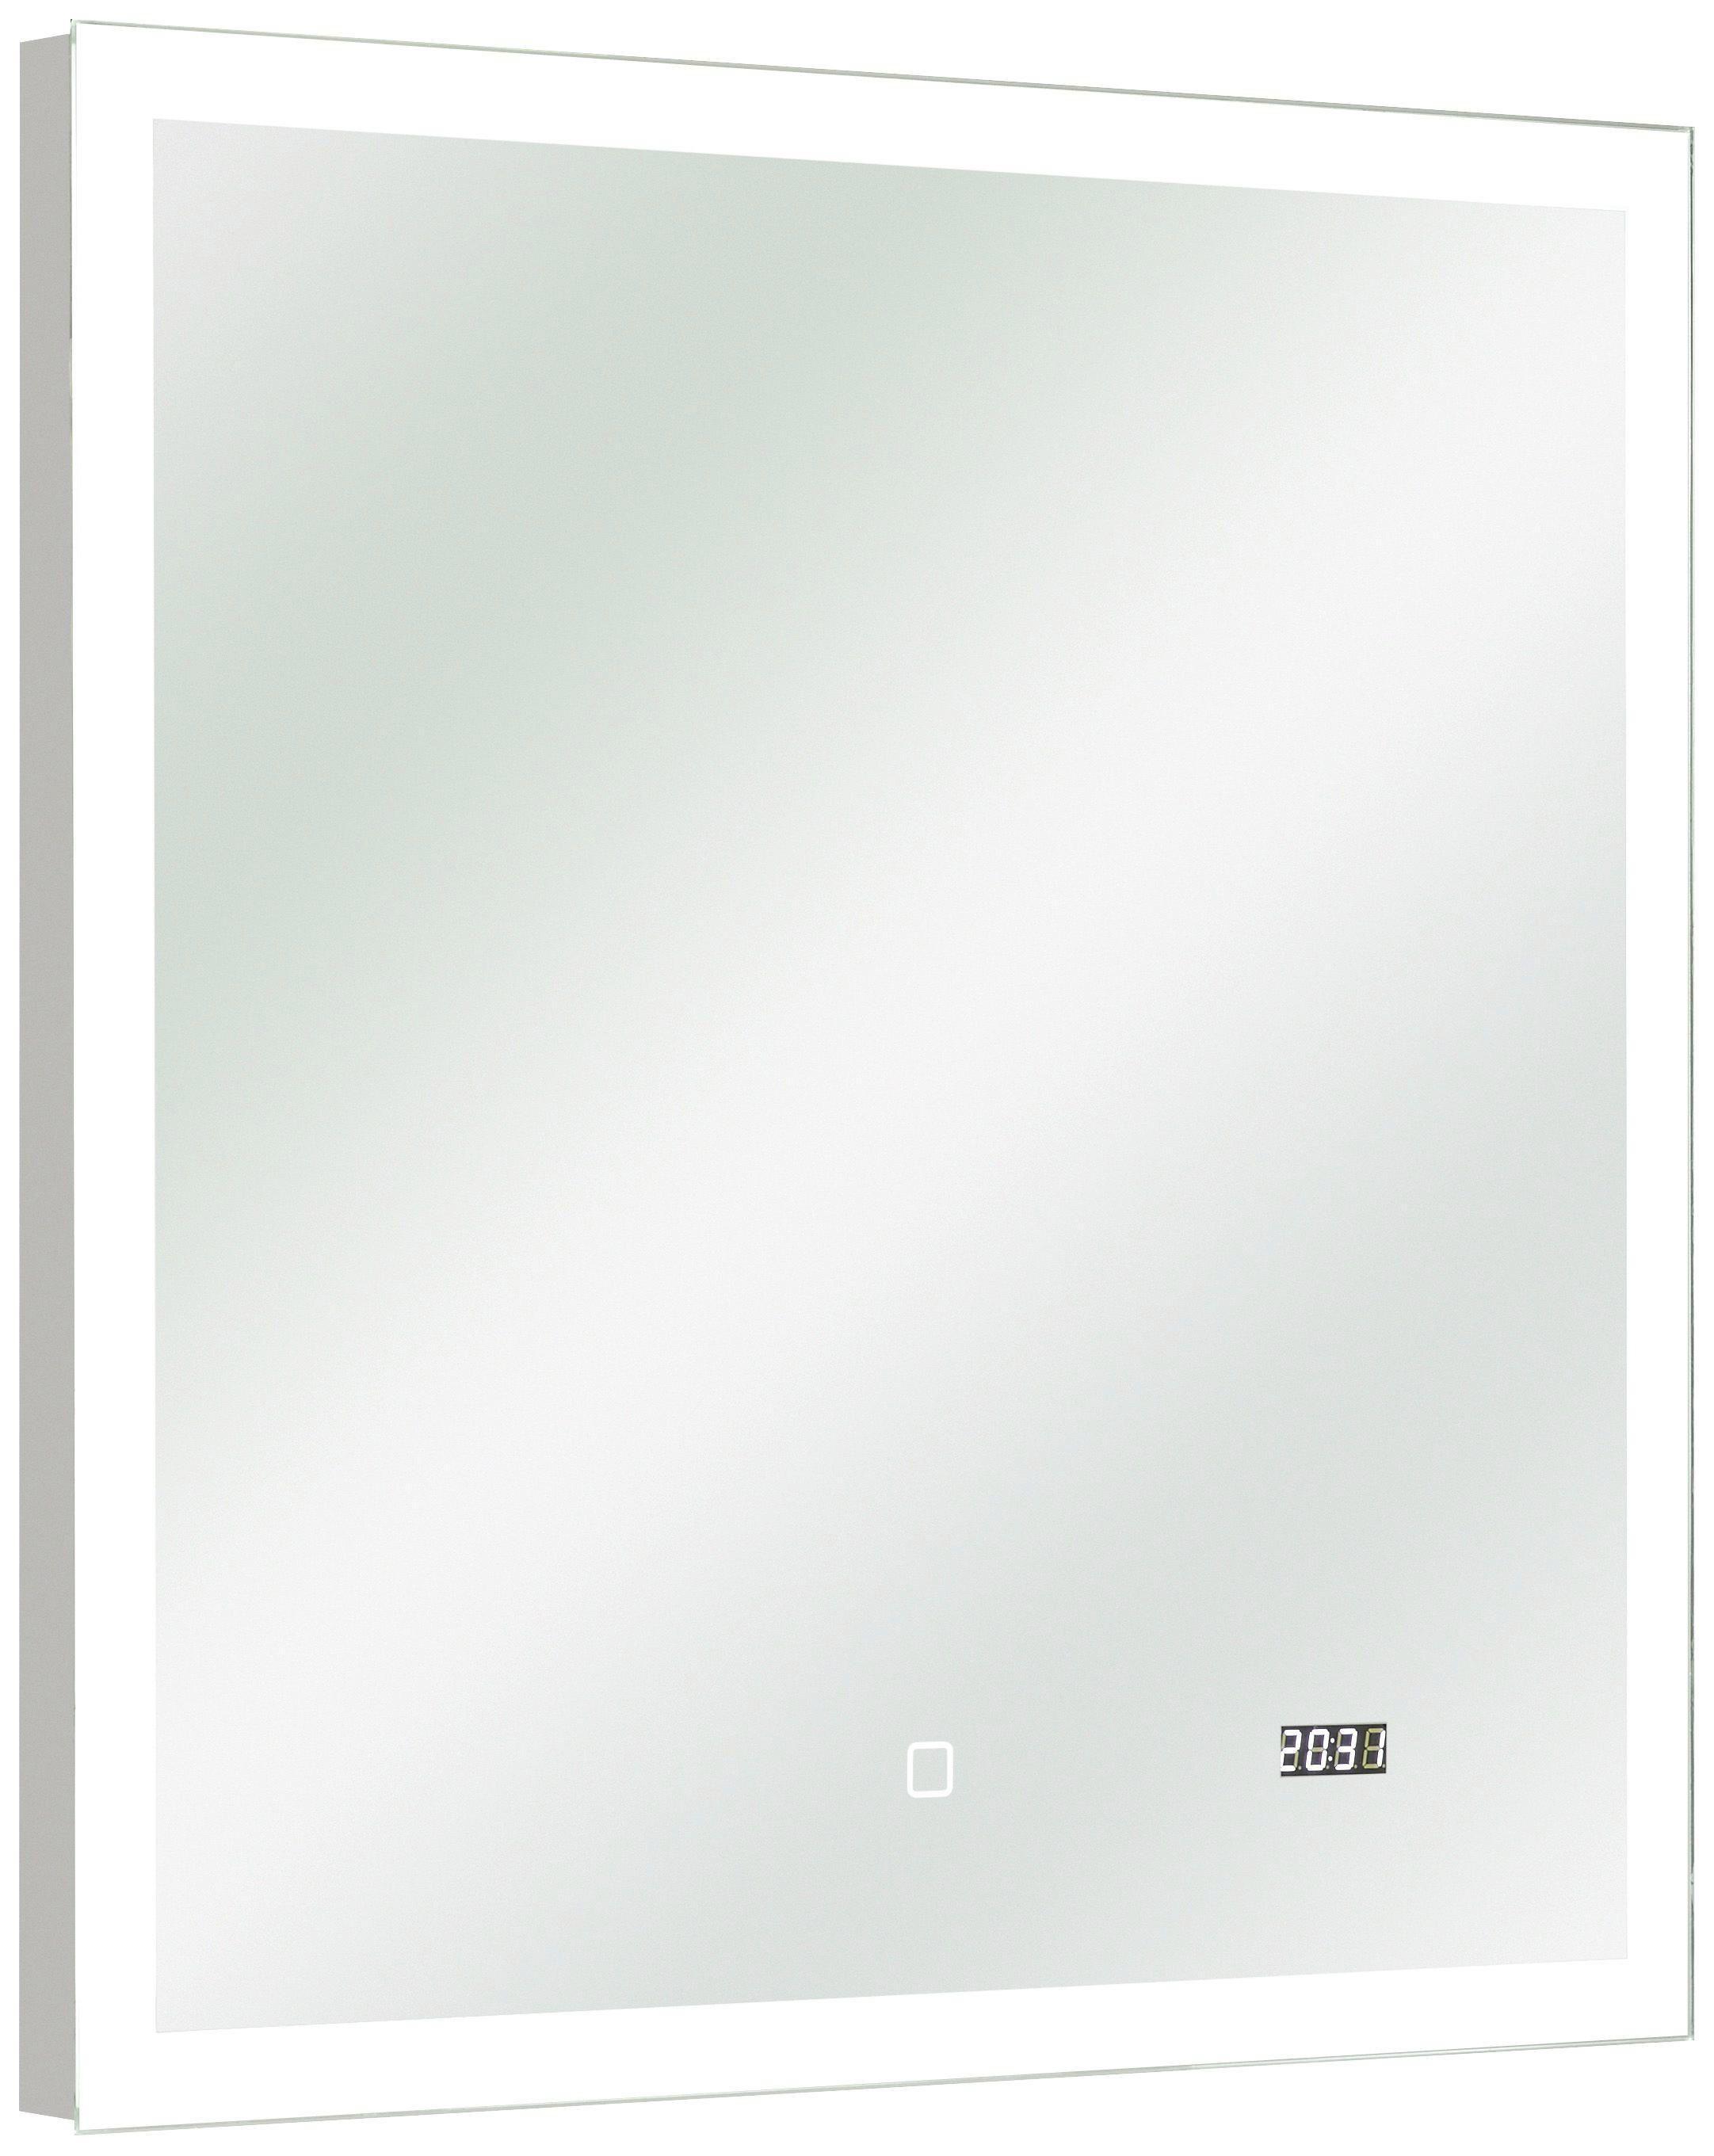 Badezimmerspiegel In 2020 Spiegel Mit Beleuchtung Badezimmerspiegel Und Beleuchtung